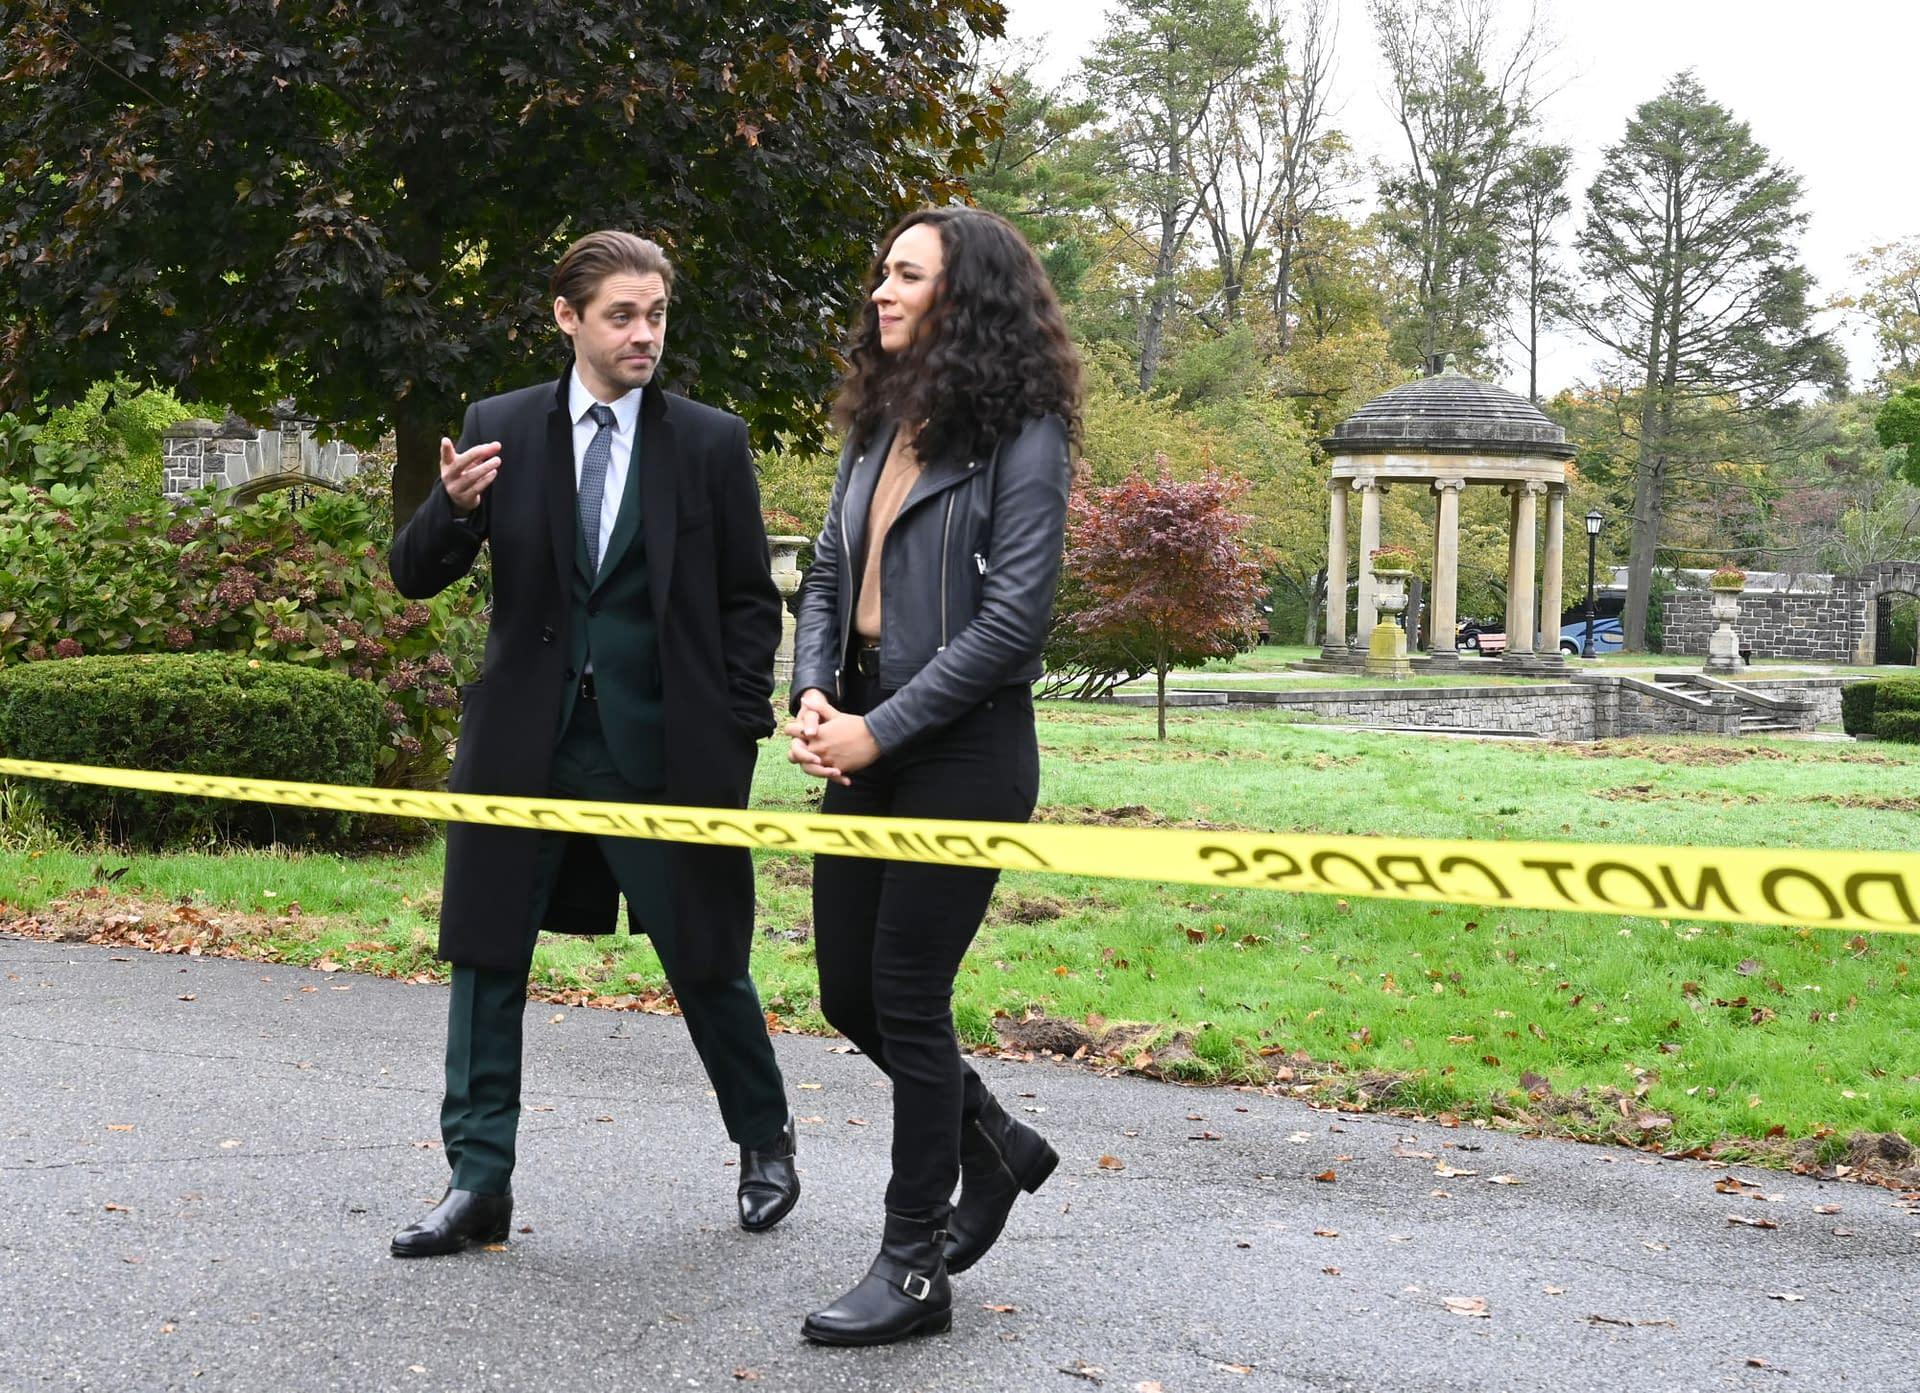 Prodigal Son Cast Teases Season 2 ...